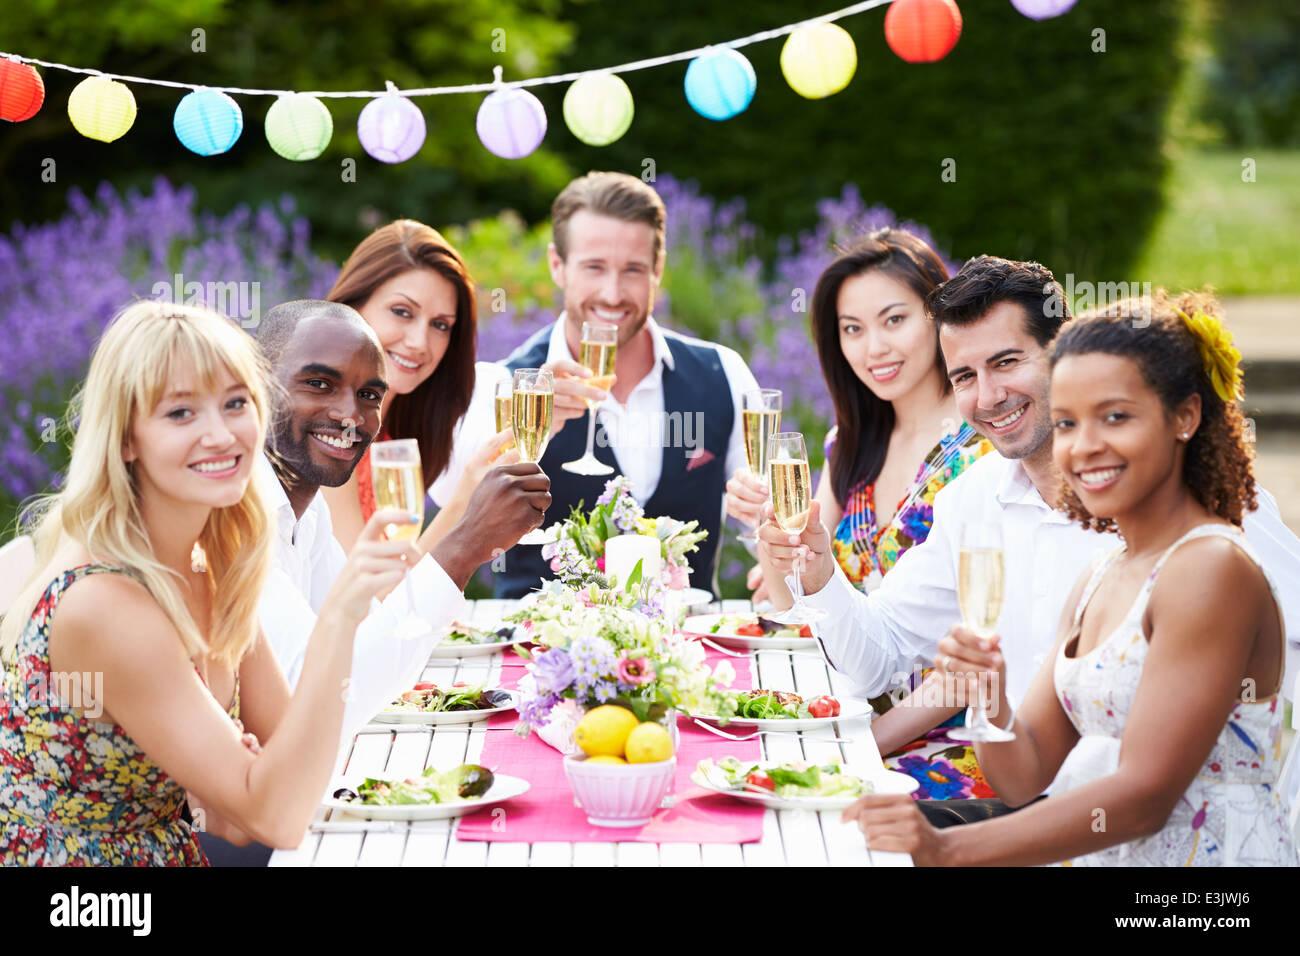 Grupo de amigos disfrutando de cena al aire libre Imagen De Stock